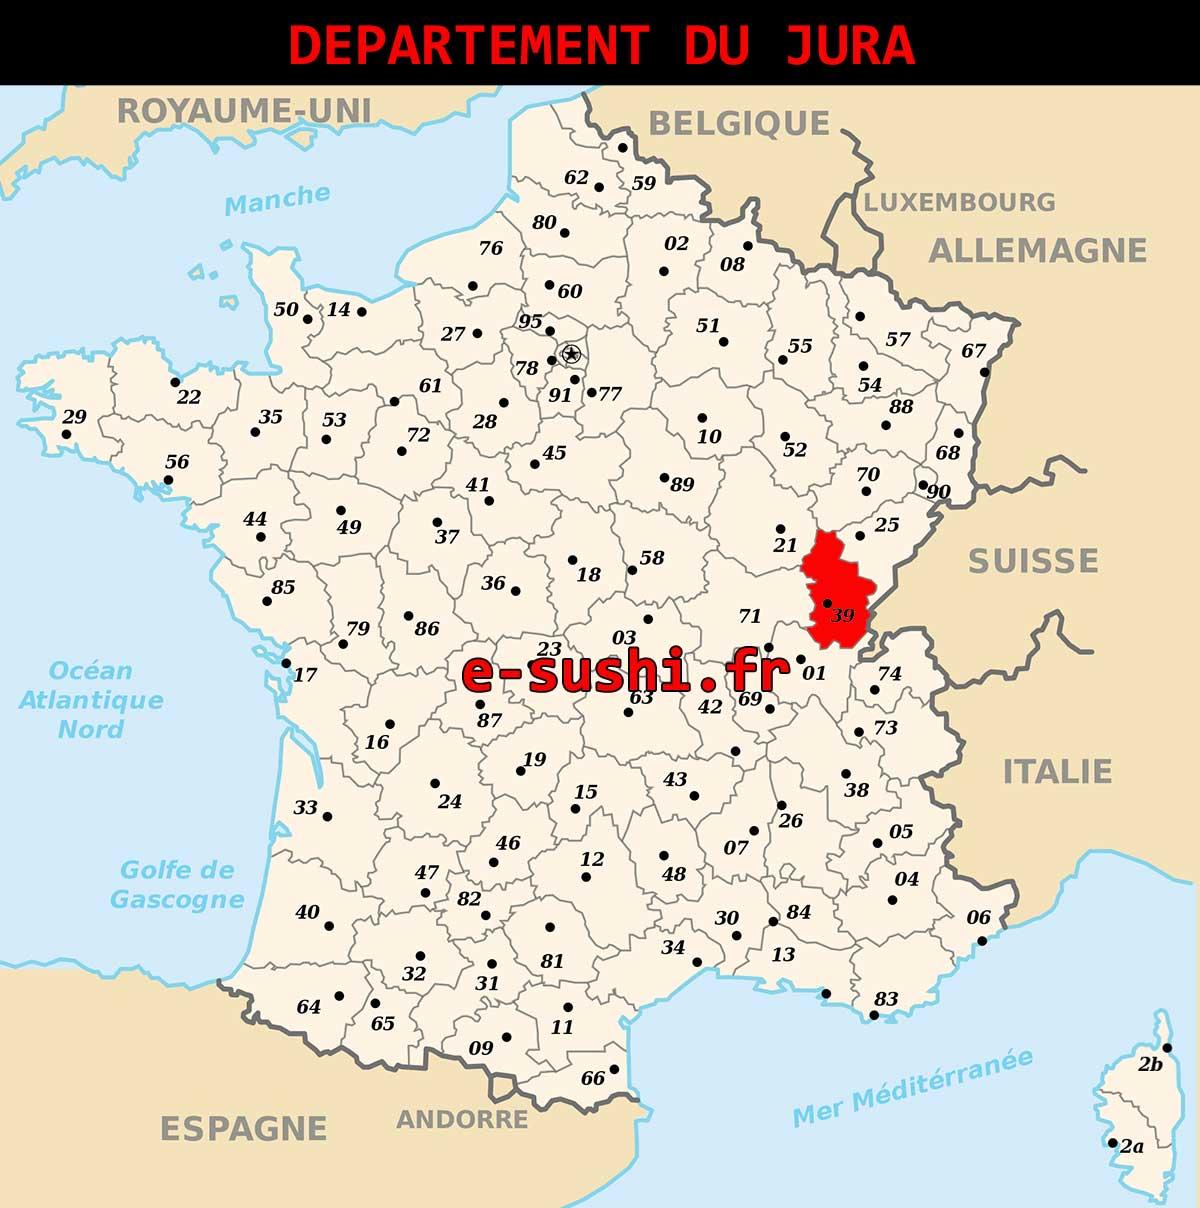 Carte - Département Jura - Arts et Voyages